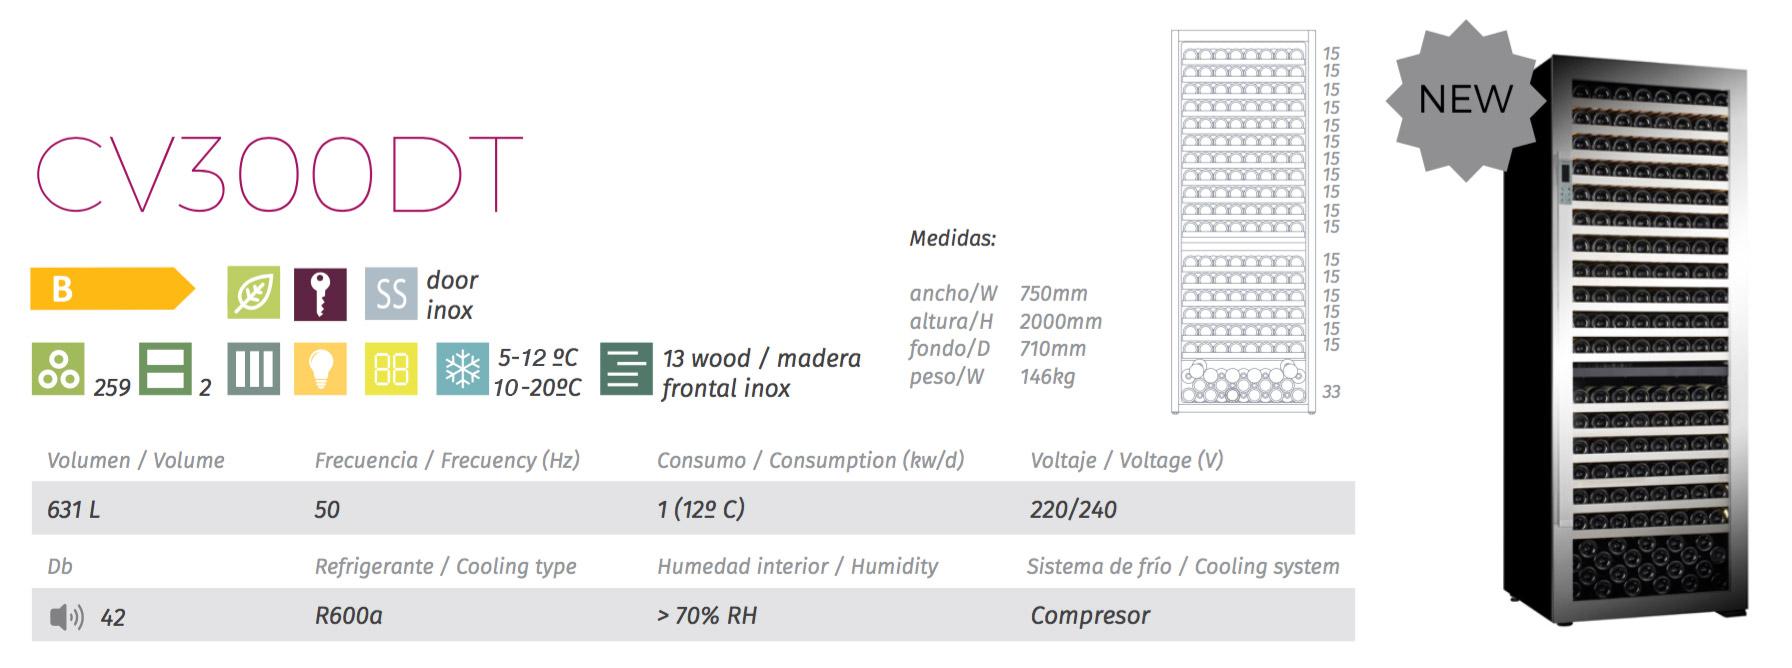 vinoteca cavanova CV300DT tabla caracteristicas